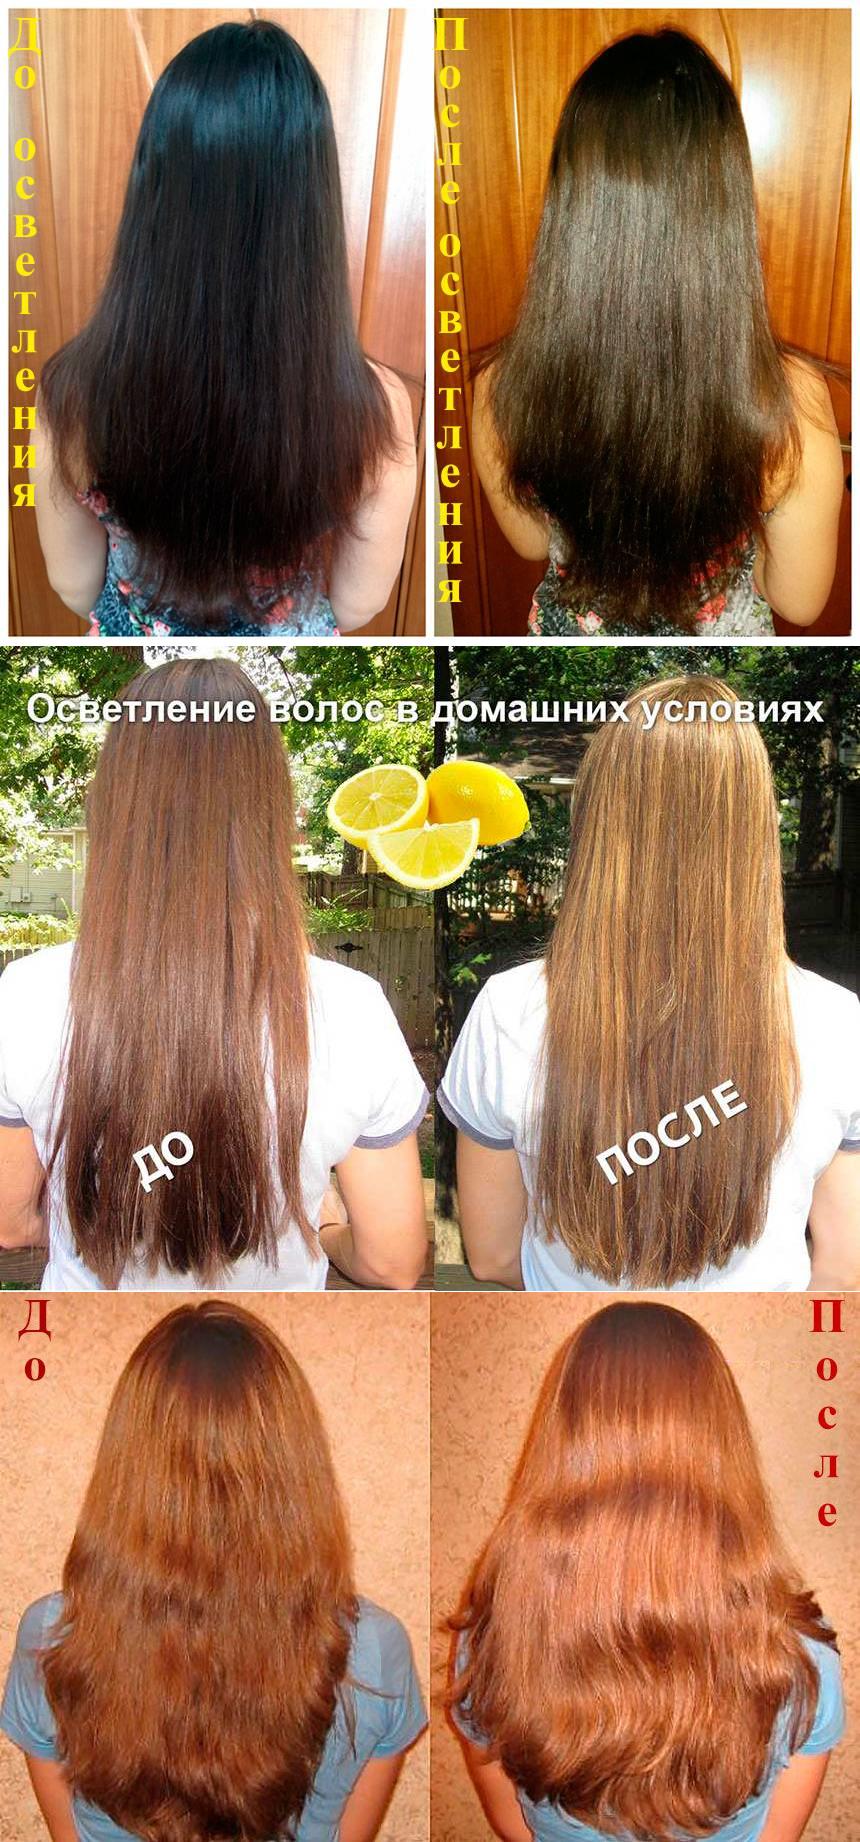 осветление волос лимоном фото до и после некоторых картинах